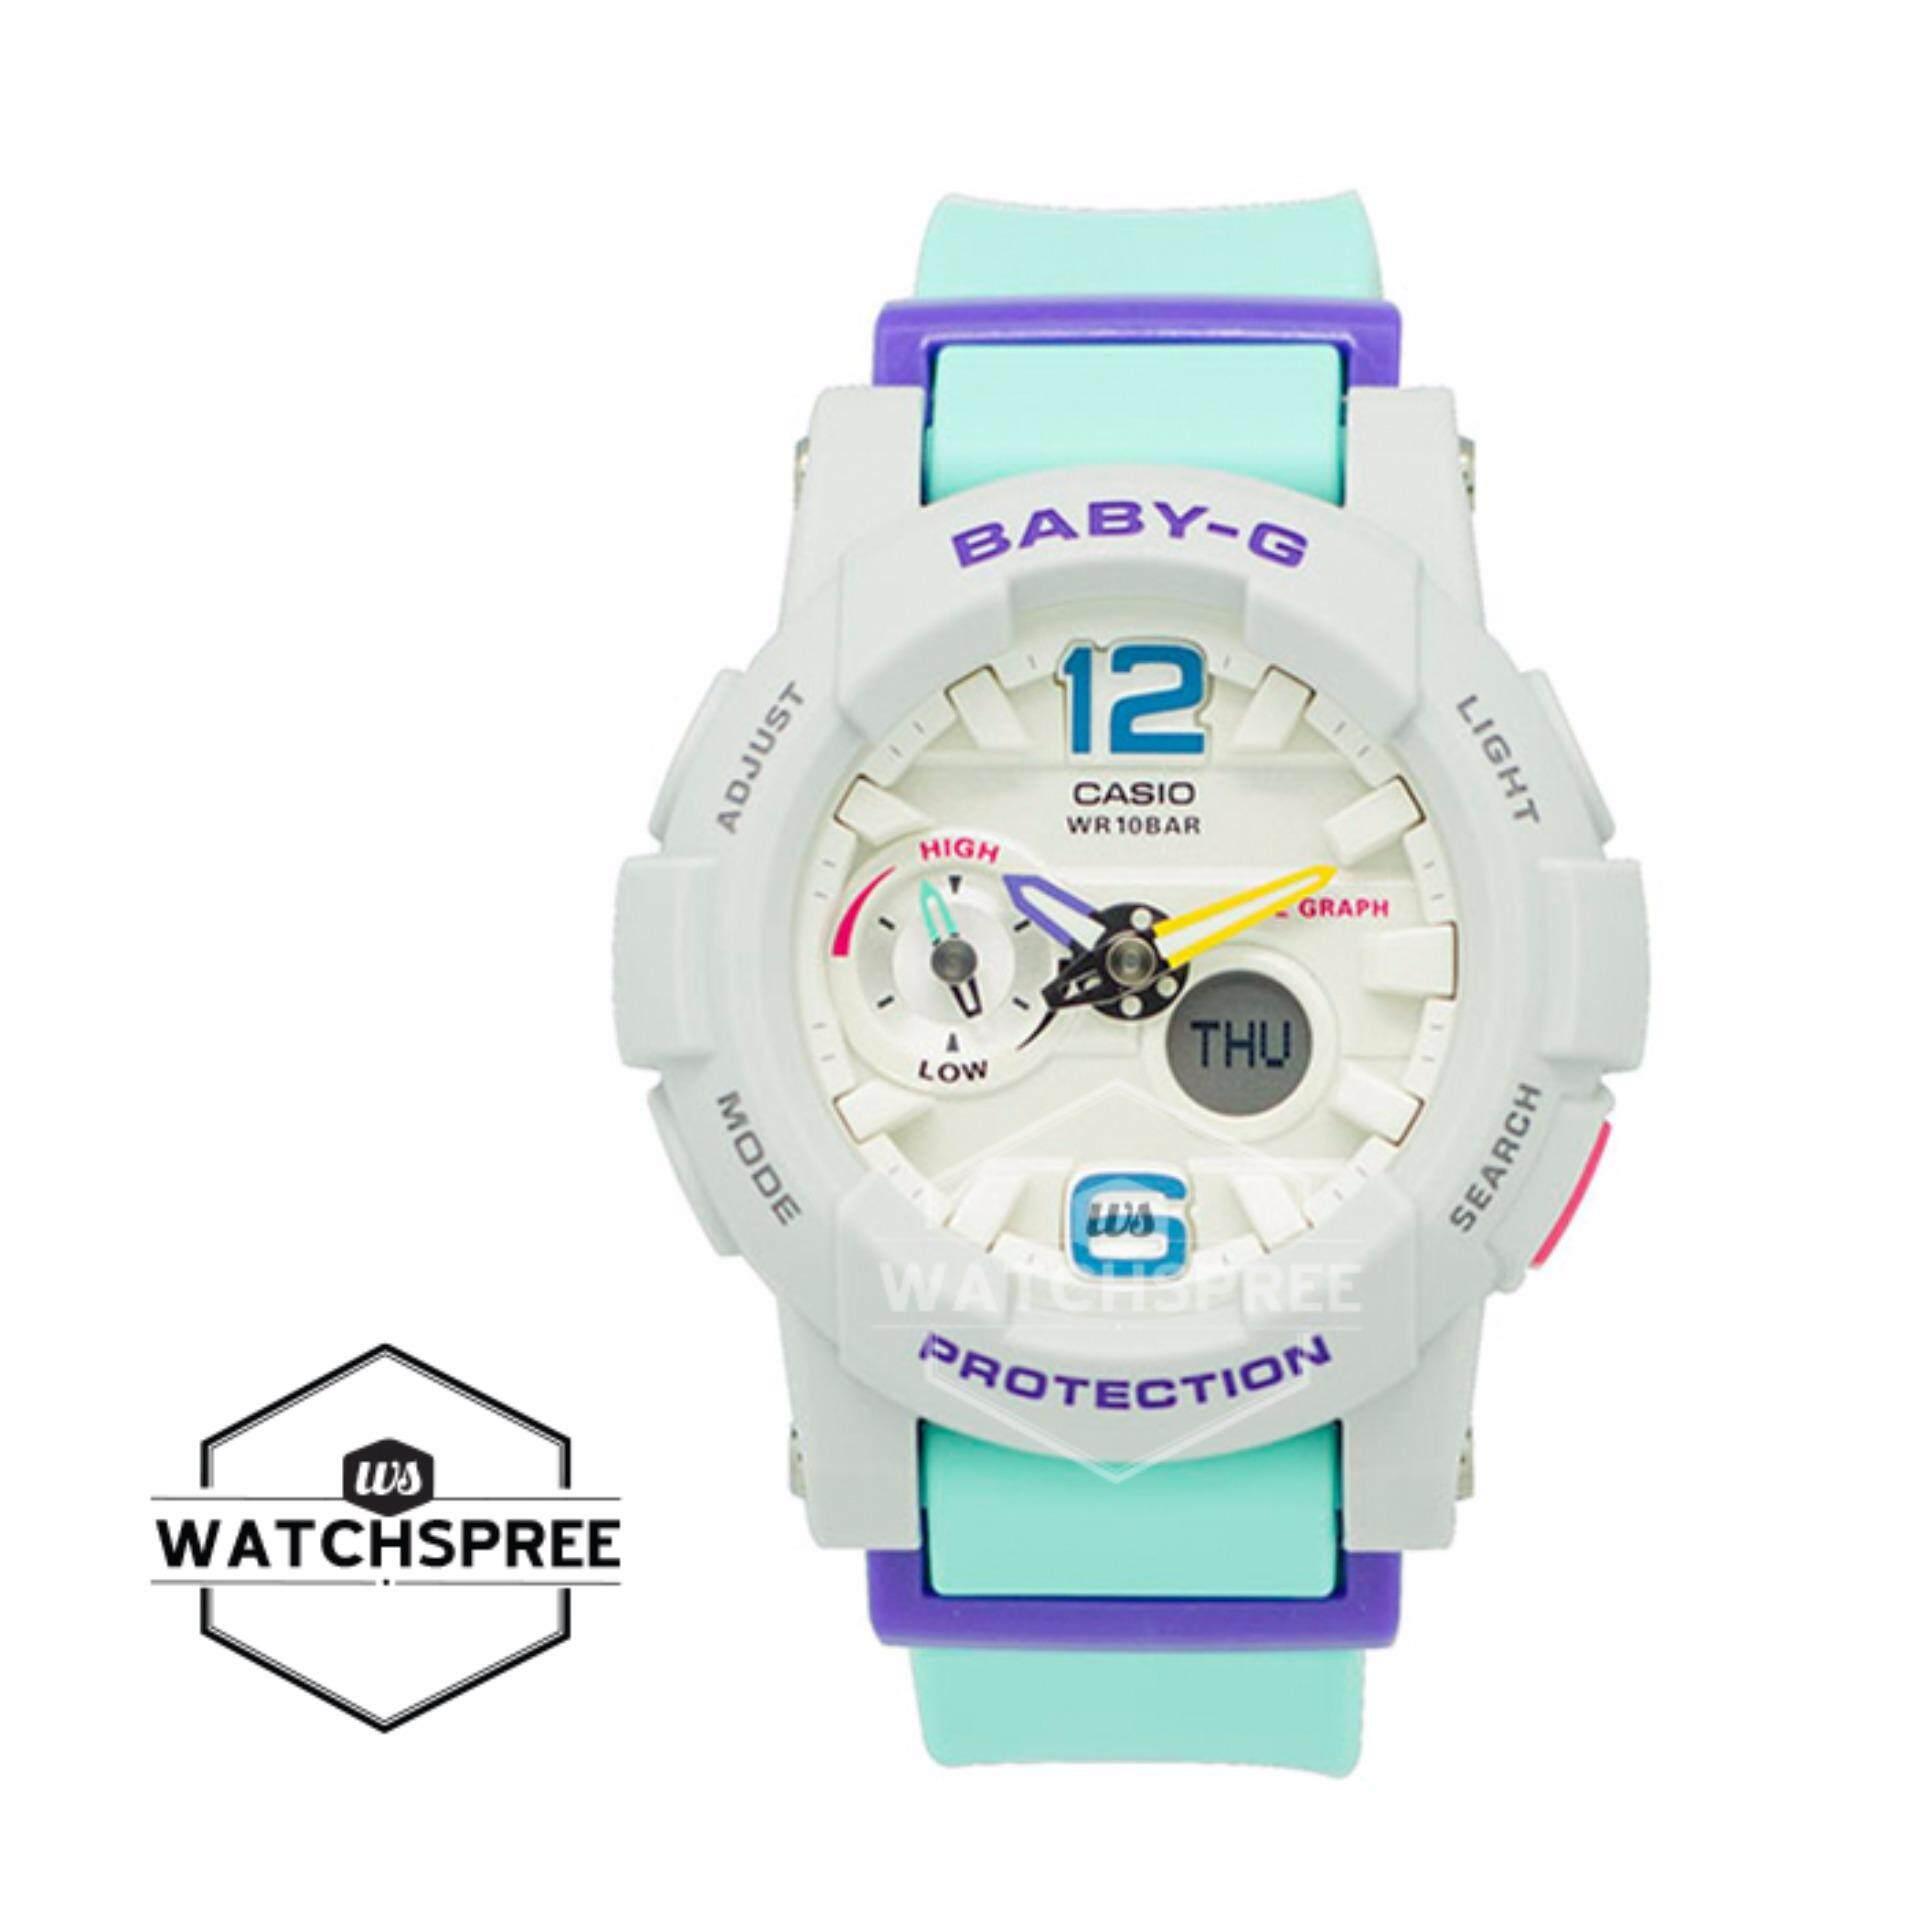 Casio Baby G Bga 180 2b3 Biru Harga Terkini Dan Terlengkap Bgs Jam Tangan Wanita Muda Resin Bga180 Source Lide Series Mint Band Watch 3b